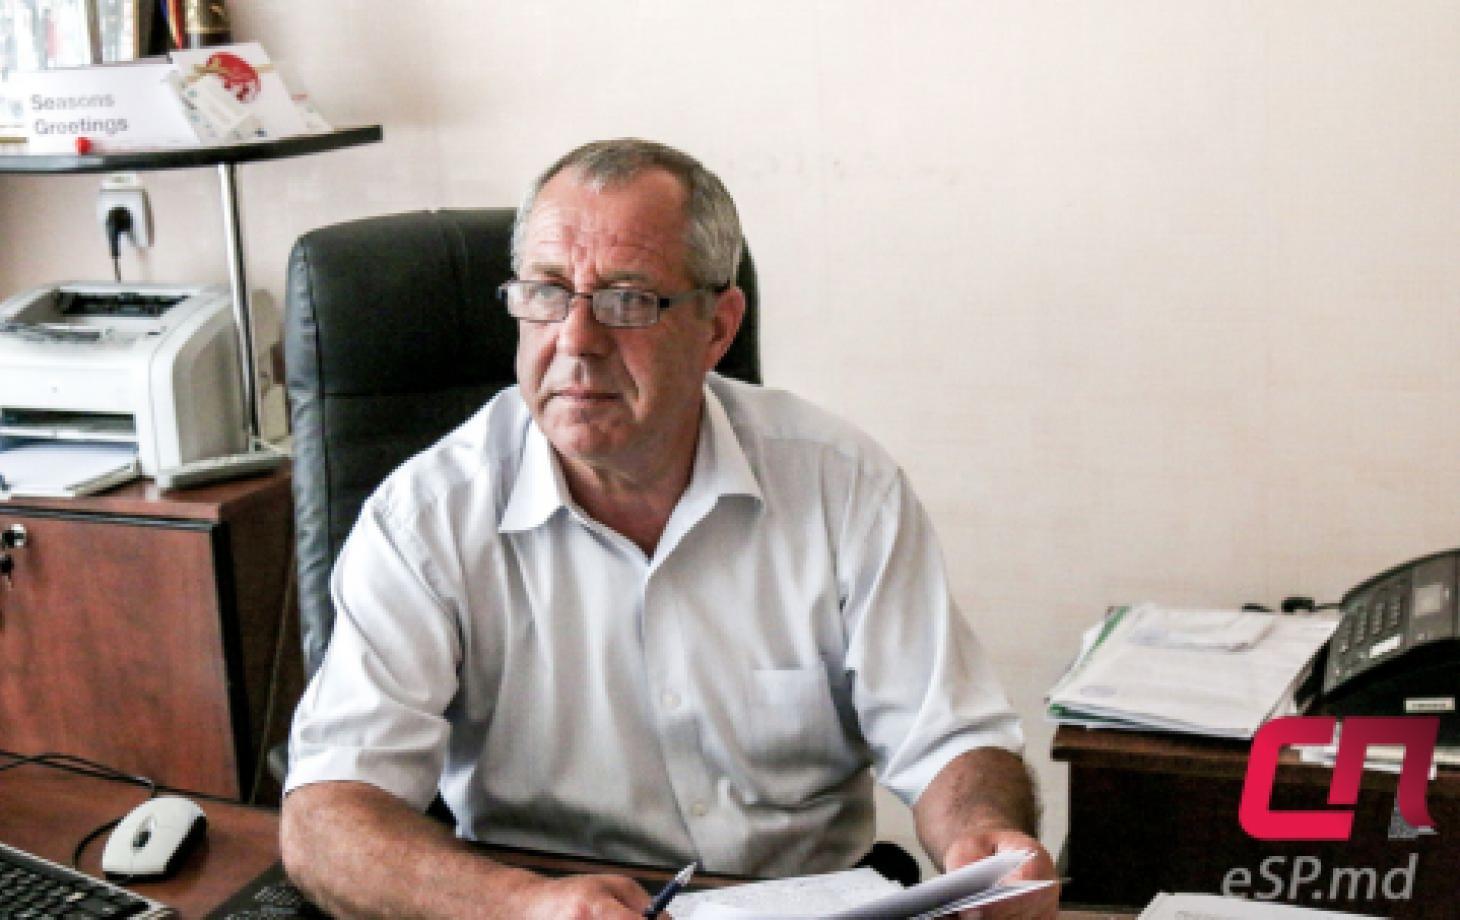 главный врач Центра общественного здоровья Константин Марандел